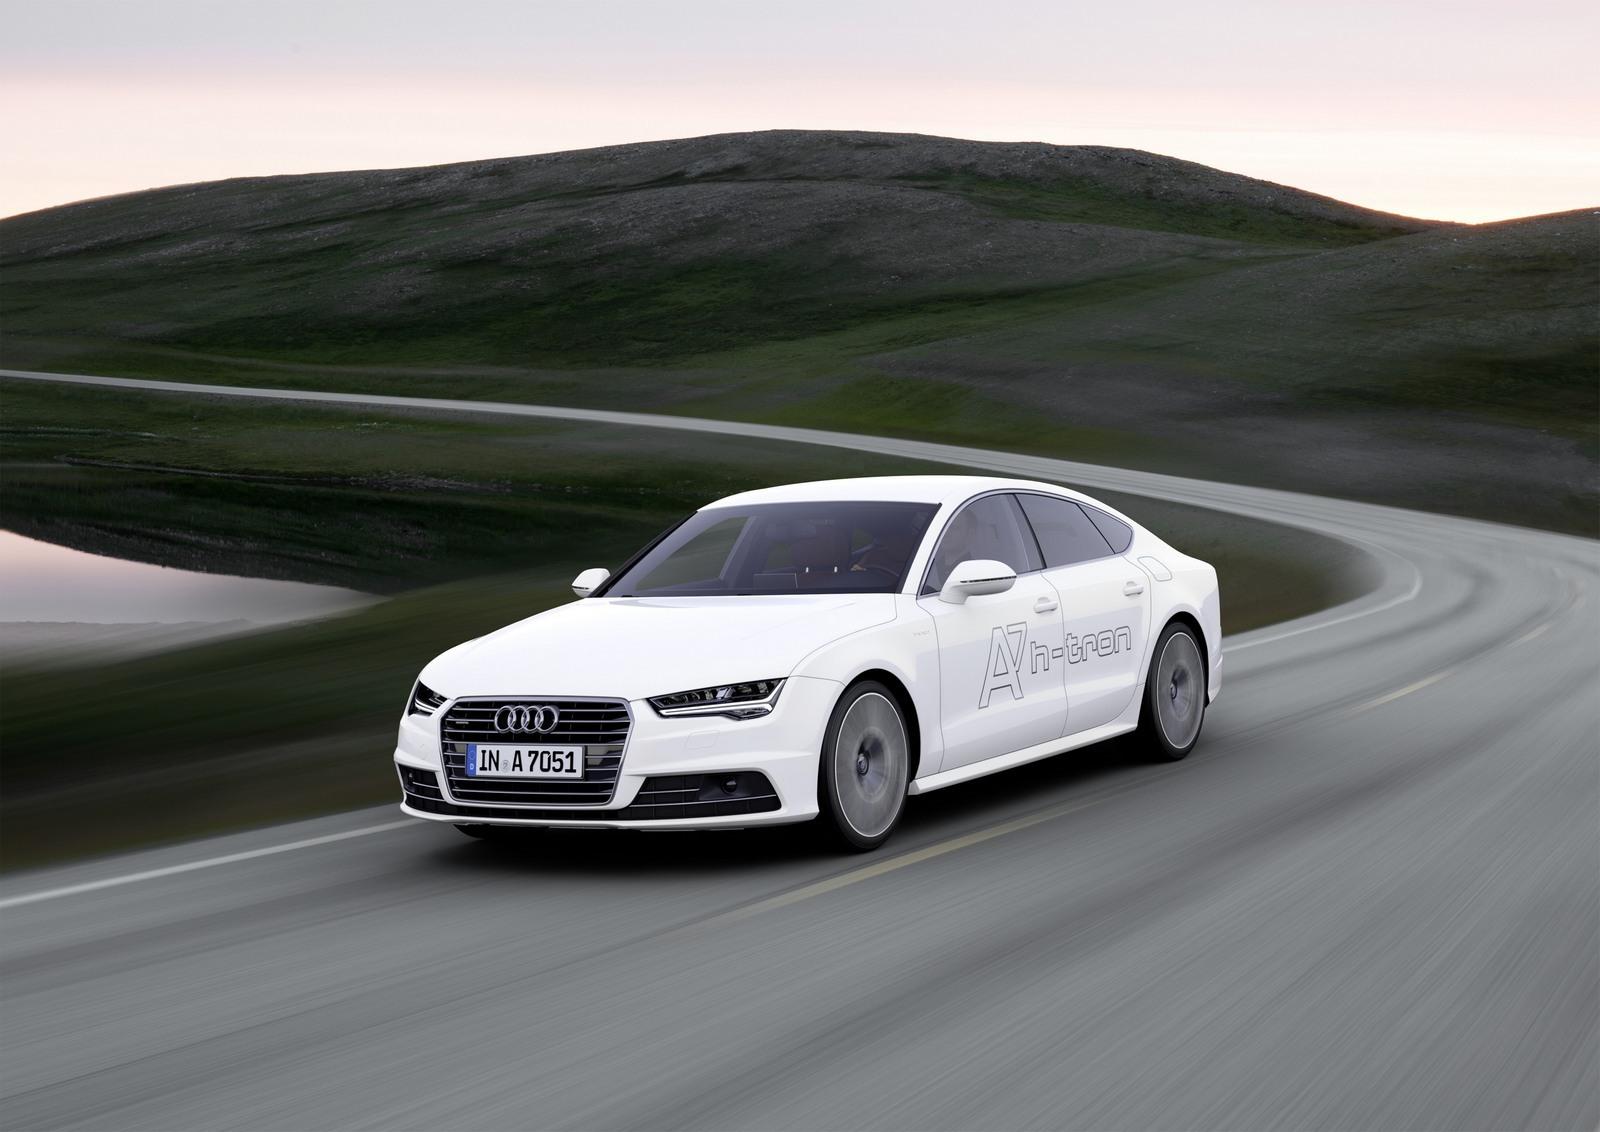 Foto de Audi A7 Sportback h-tron quattro (23/49)